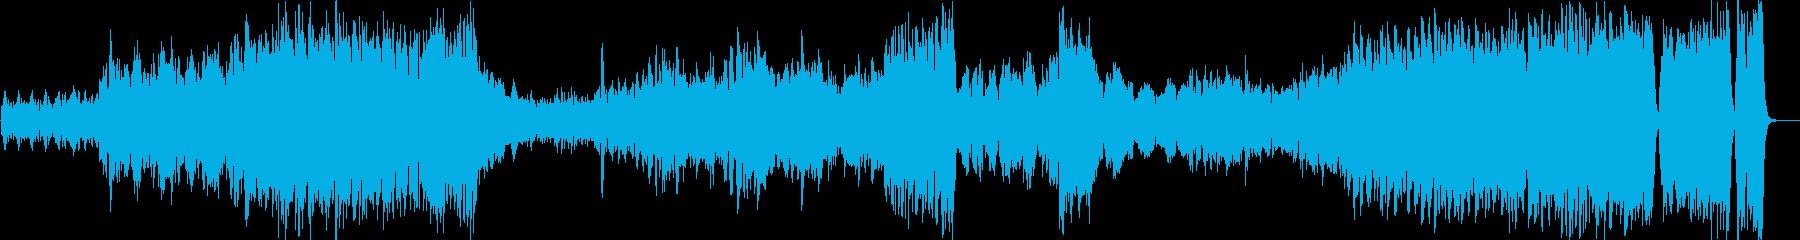 ひいらぎ飾ろう、本格的クラシカル編曲の再生済みの波形